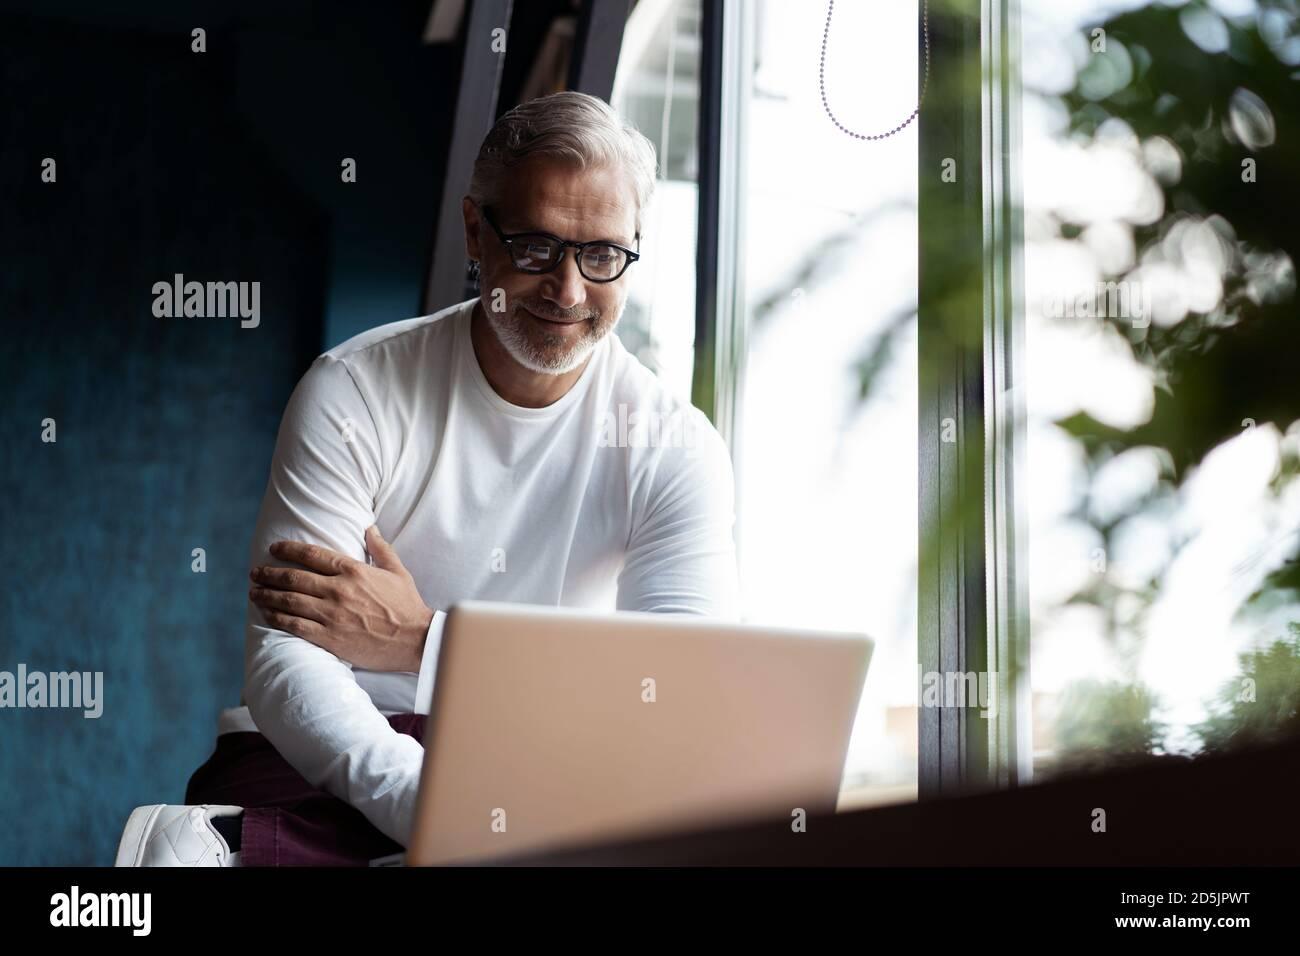 Décontracté gris-cheveux homme mature dans des lunettes de vue travaillant sur ordinateur portable pendant assis dans un bureau ou un café près de la fenêtre Banque D'Images